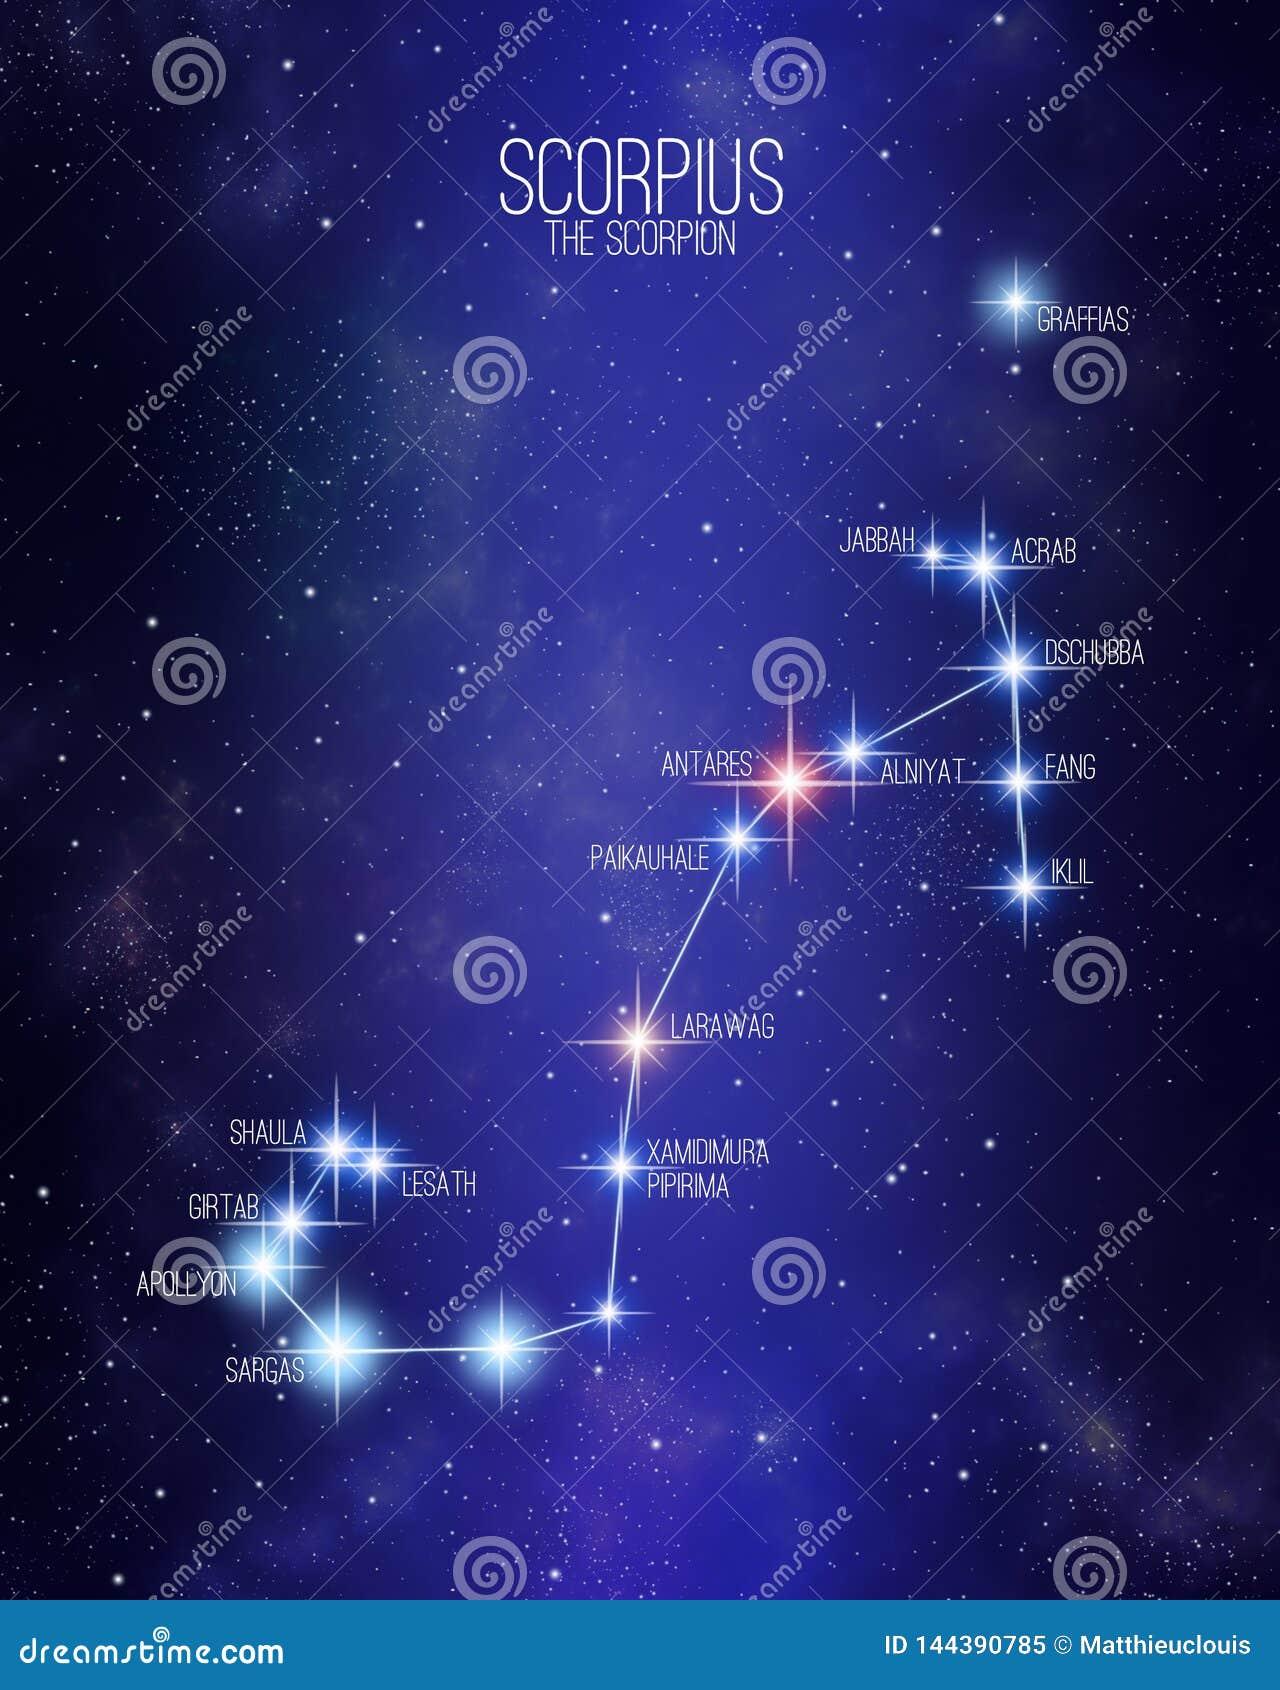 Scorpius de de constellatiekaart van de schorpioendierenriem op een sterrige ruimteachtergrond met de namen van zijn hoofdsterren